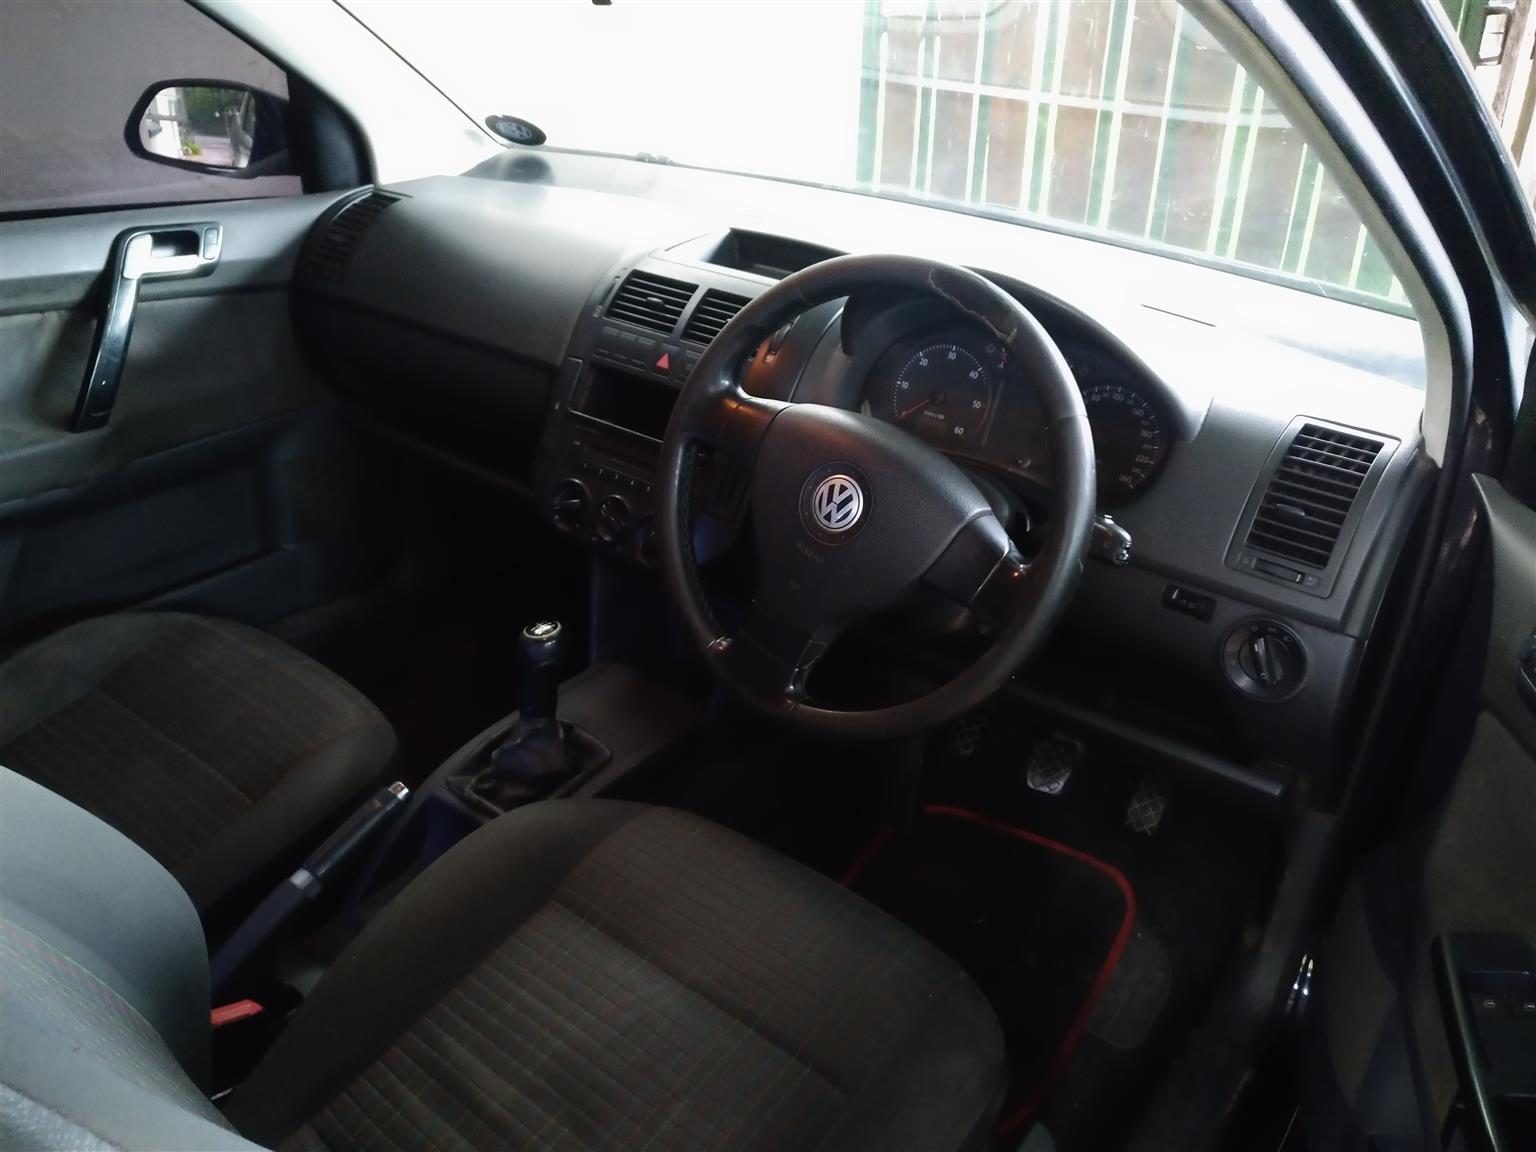 2006 VW Polo 1.9TDI 74kW Highline